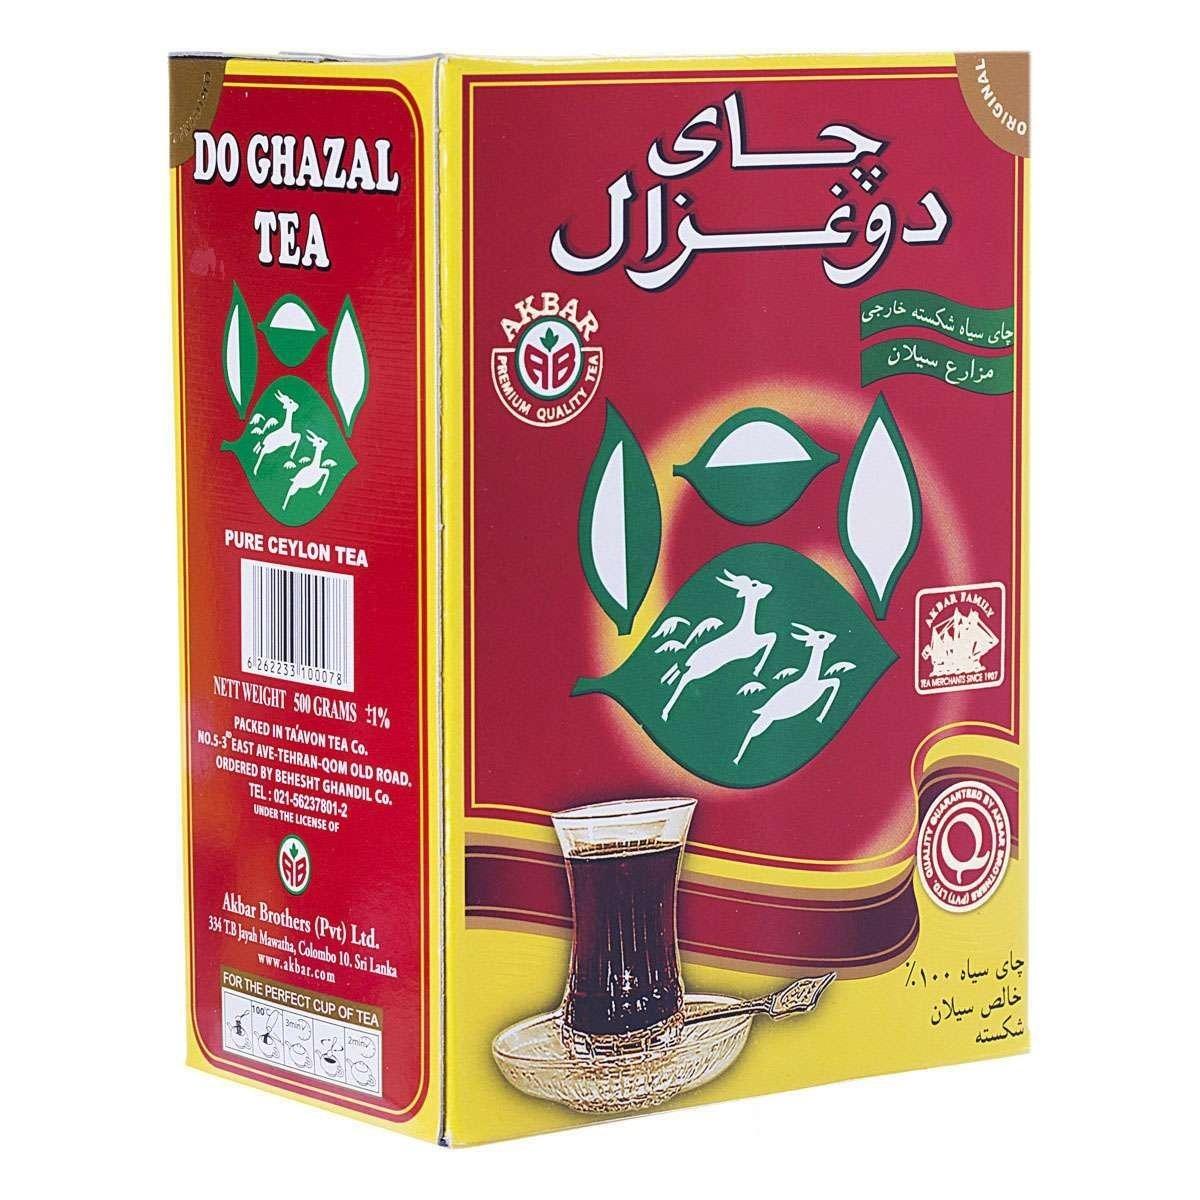 تصویر چای سیاه شکسته ۱۰۰% خارجی (سیلان) دوغزال ۵۰۰ گرمی -